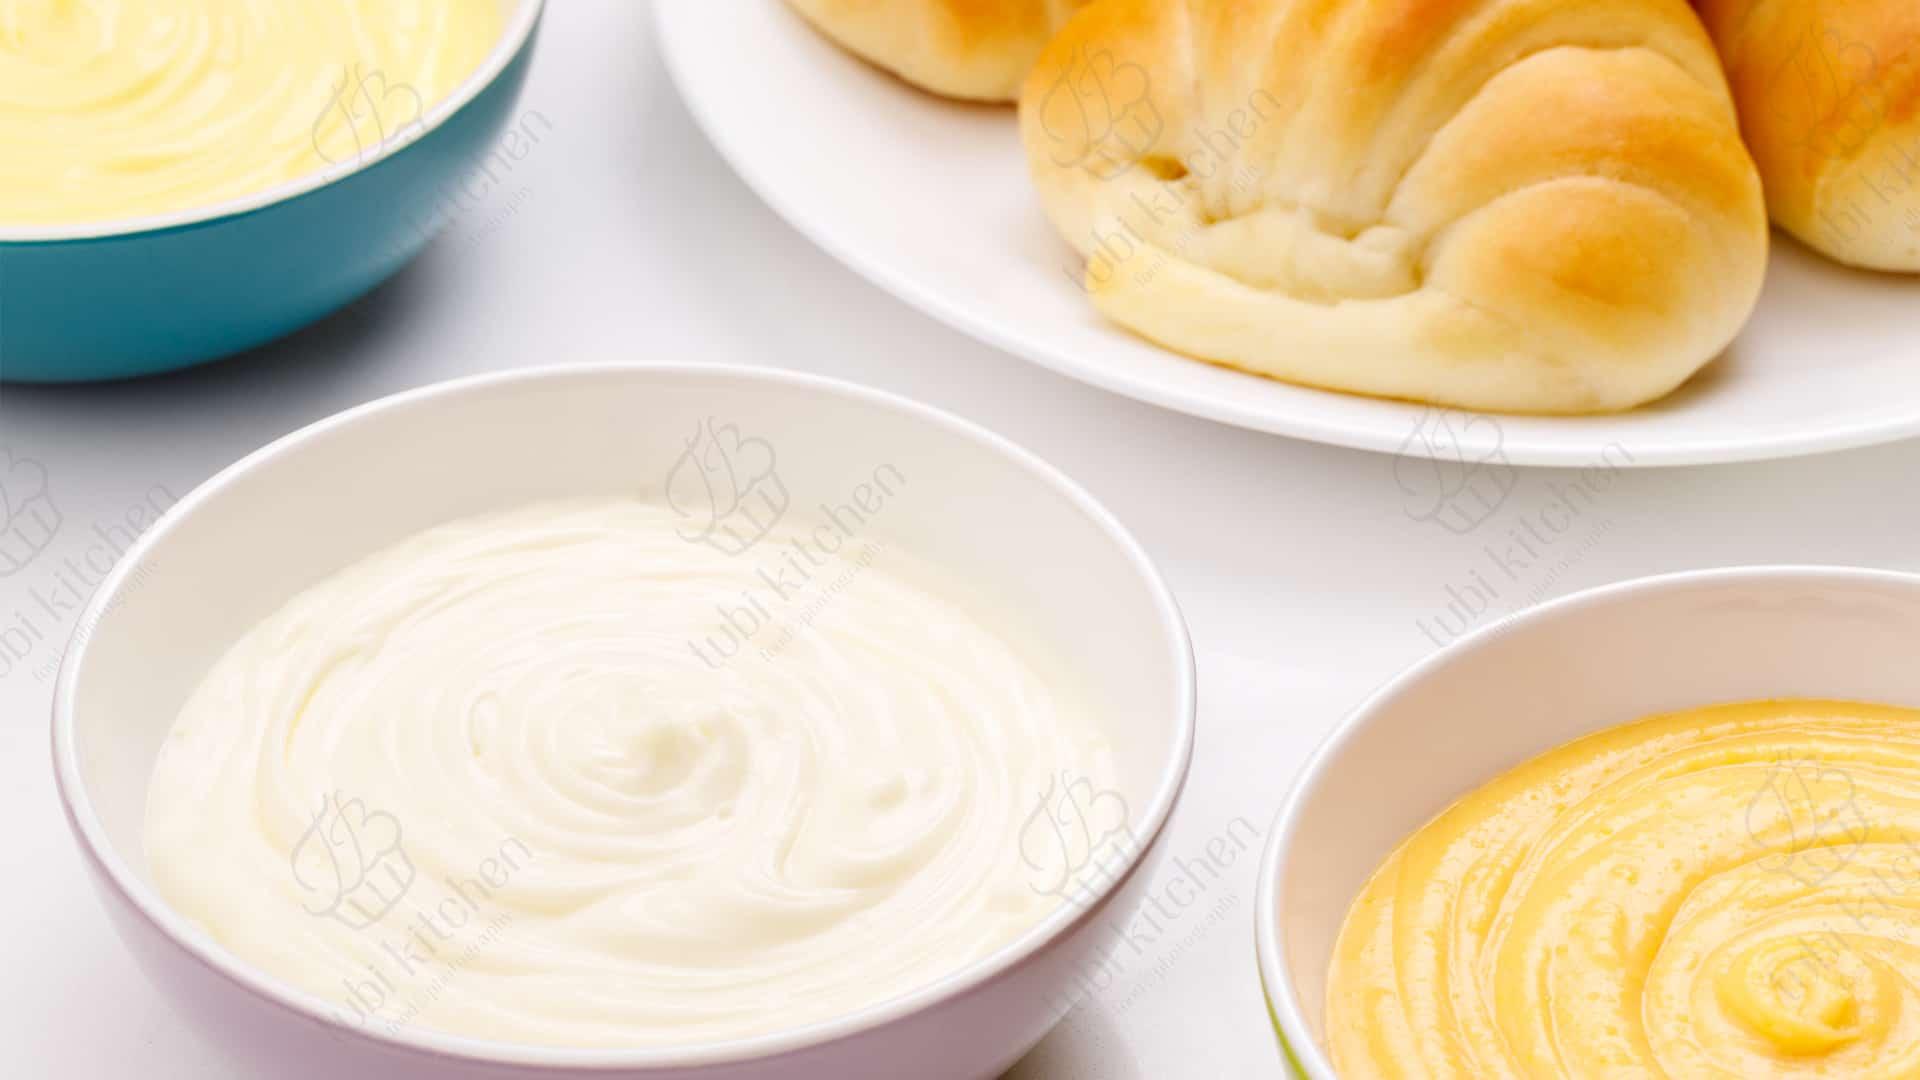 TBK-006 Lớp online chuyên đề Bánh mì ngọt mềm